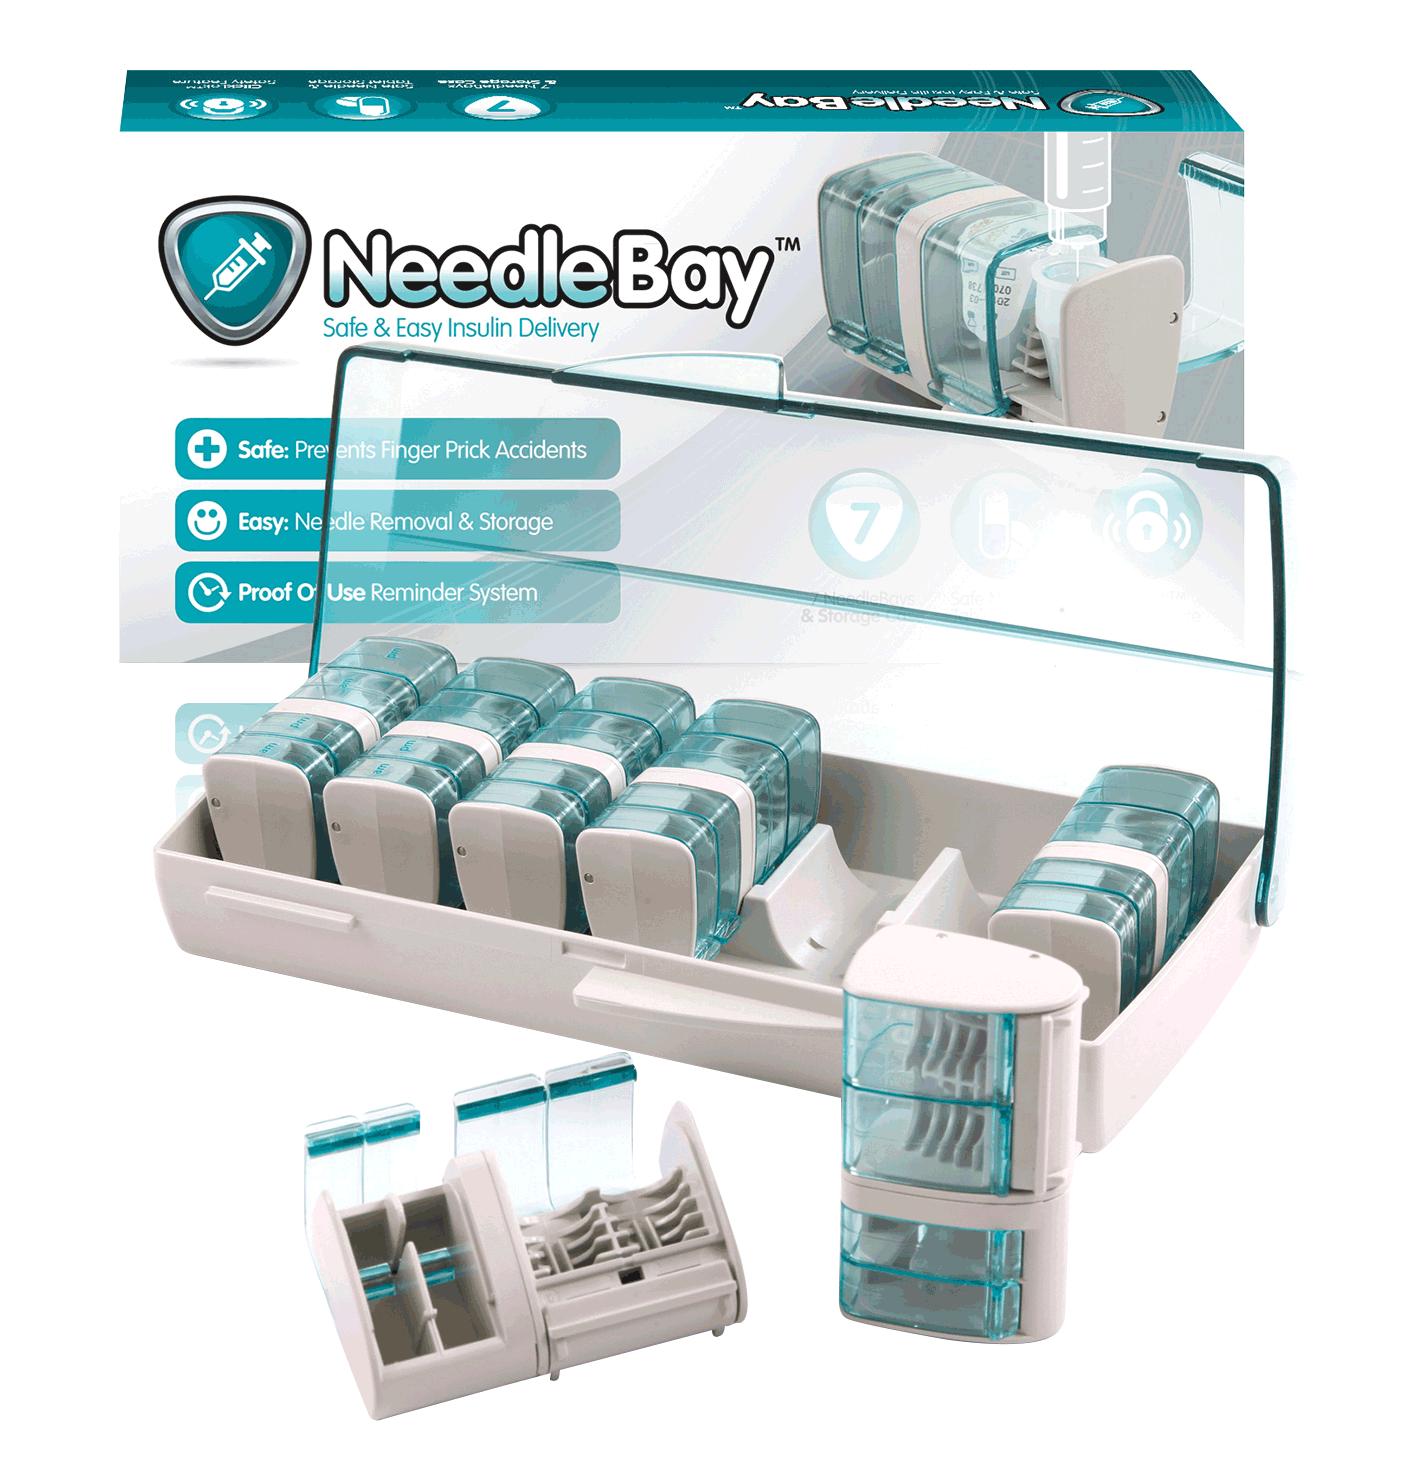 BX/7 NeedleBay 7 Safe Needle and Tablet Storage